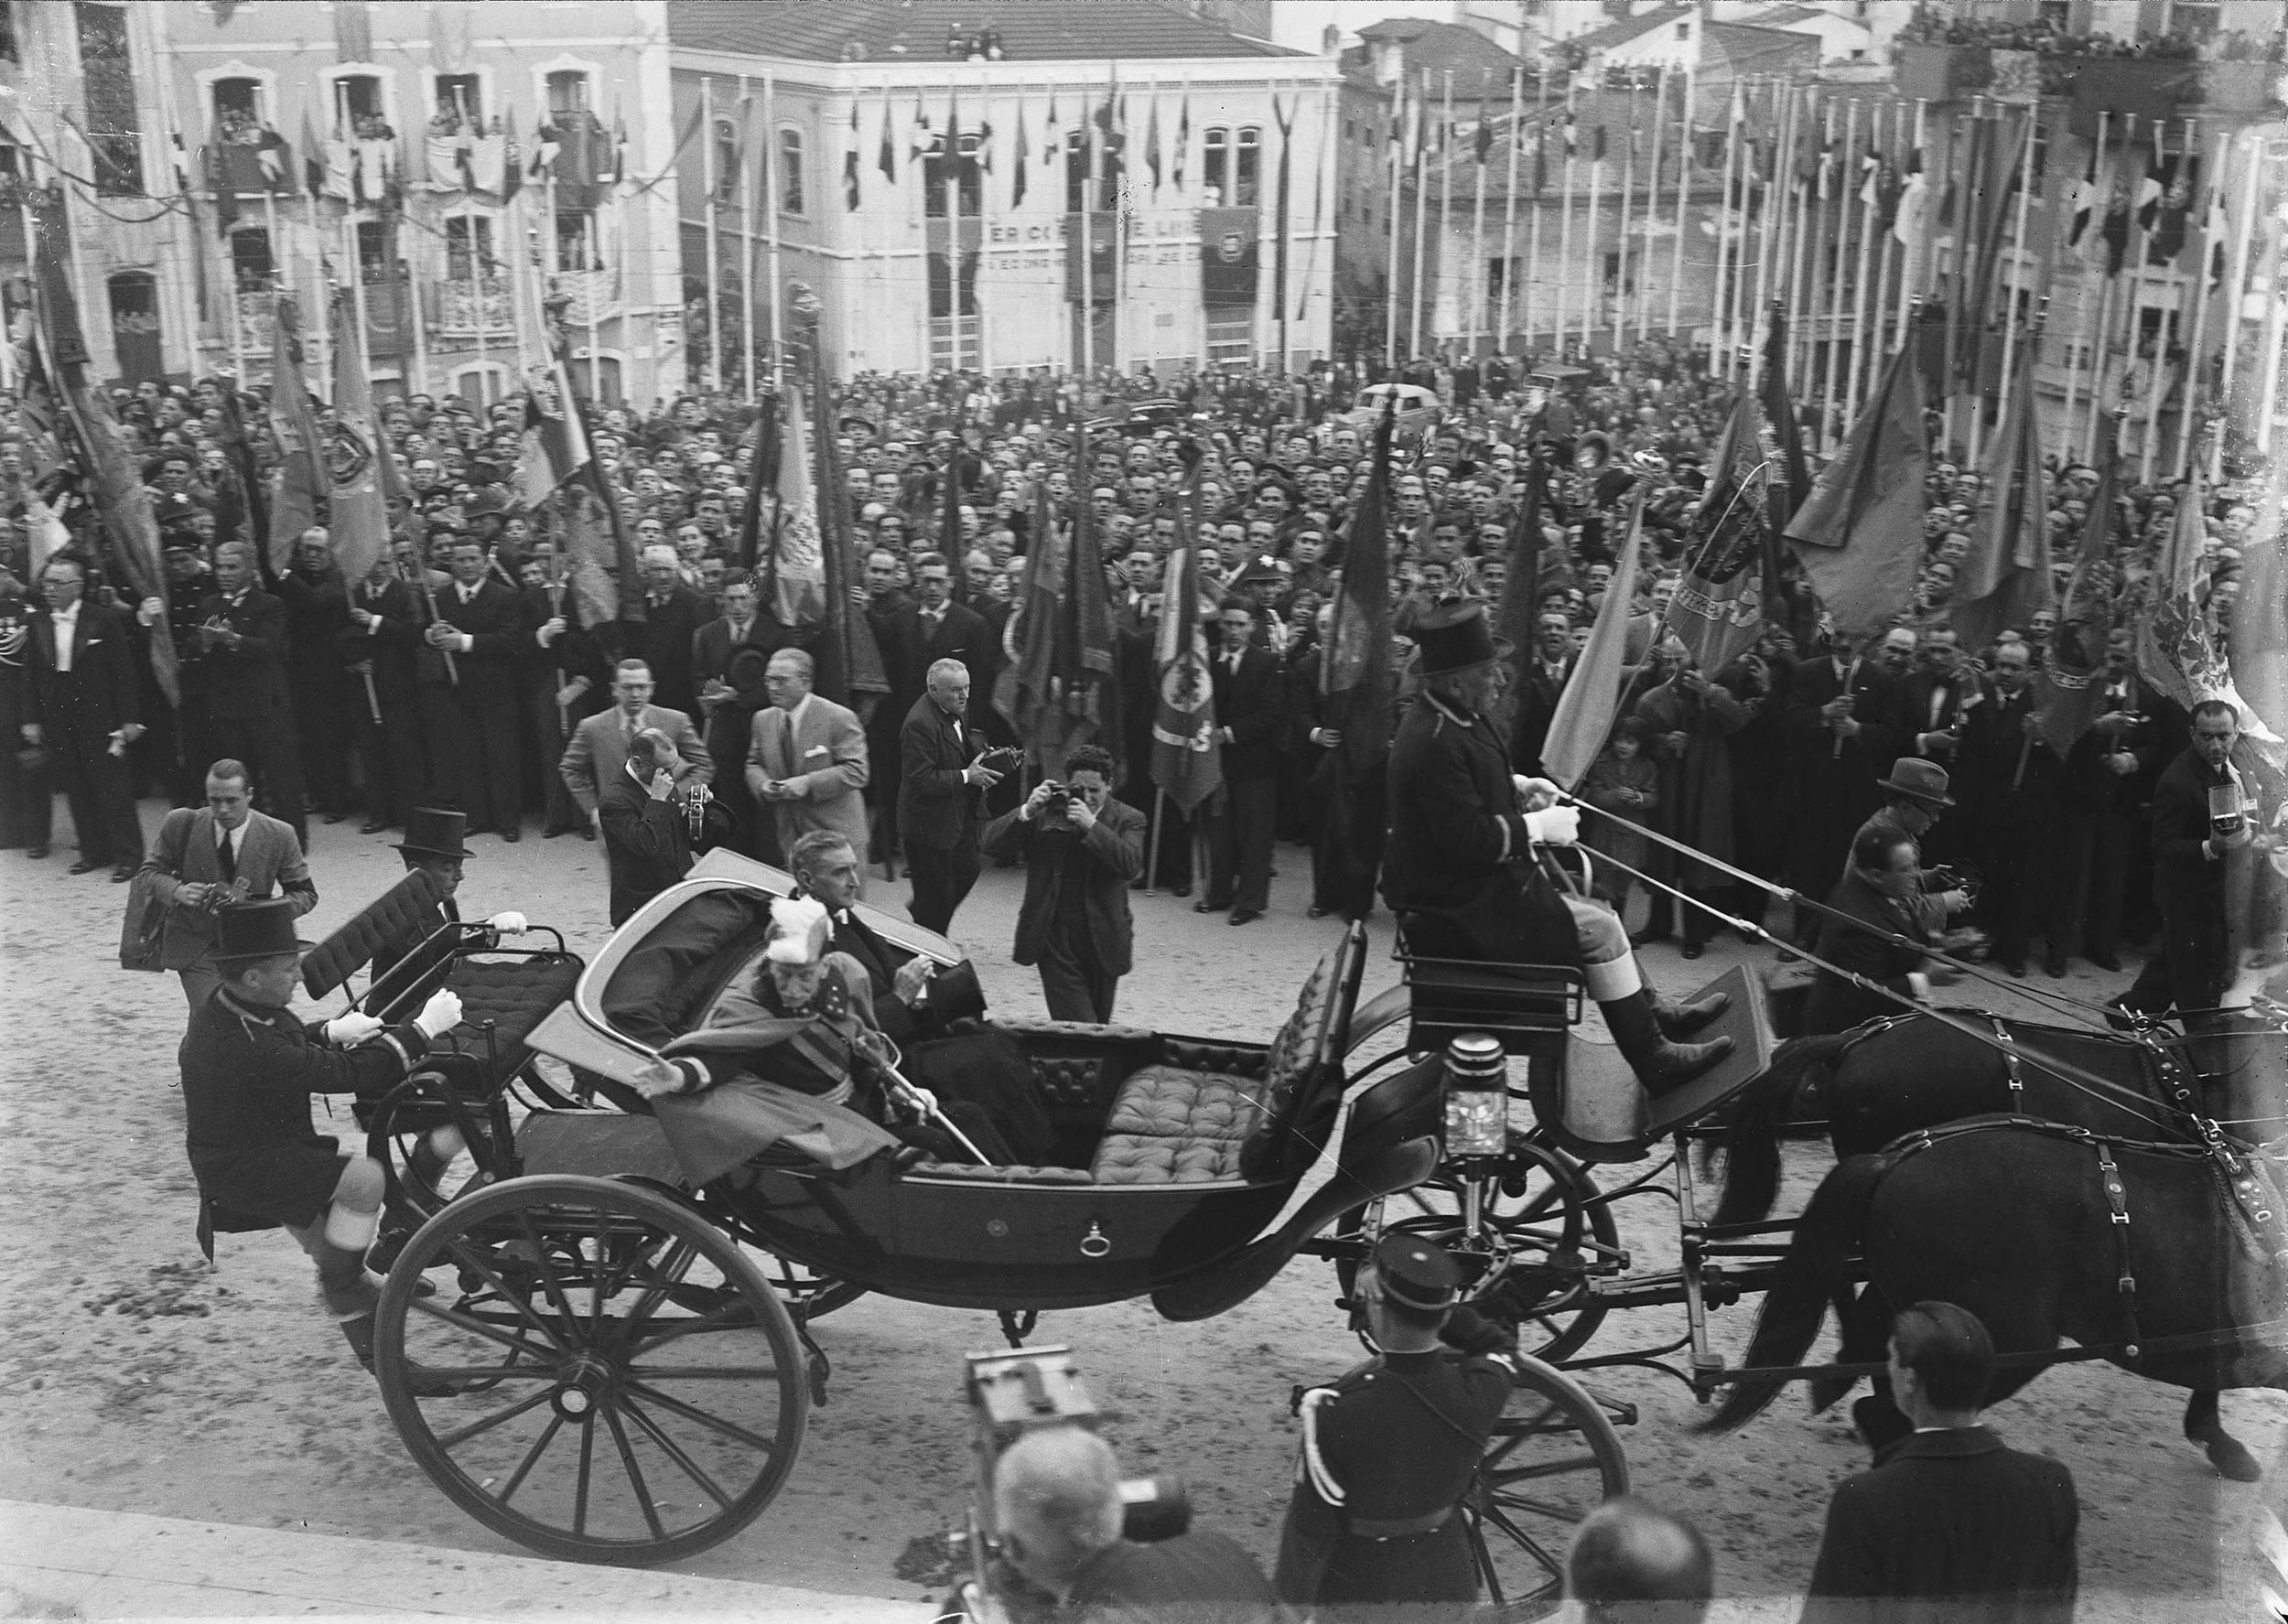 Salazar and General Óscar Carmona halt their equipage for the benefit of photographers and newsreel cameramen.  Photo: Horácio Novais,ca. 1945, Lisbon  Biblioteca de Arte da Fundação Calouste Gulbenkian [CFT164_00095]